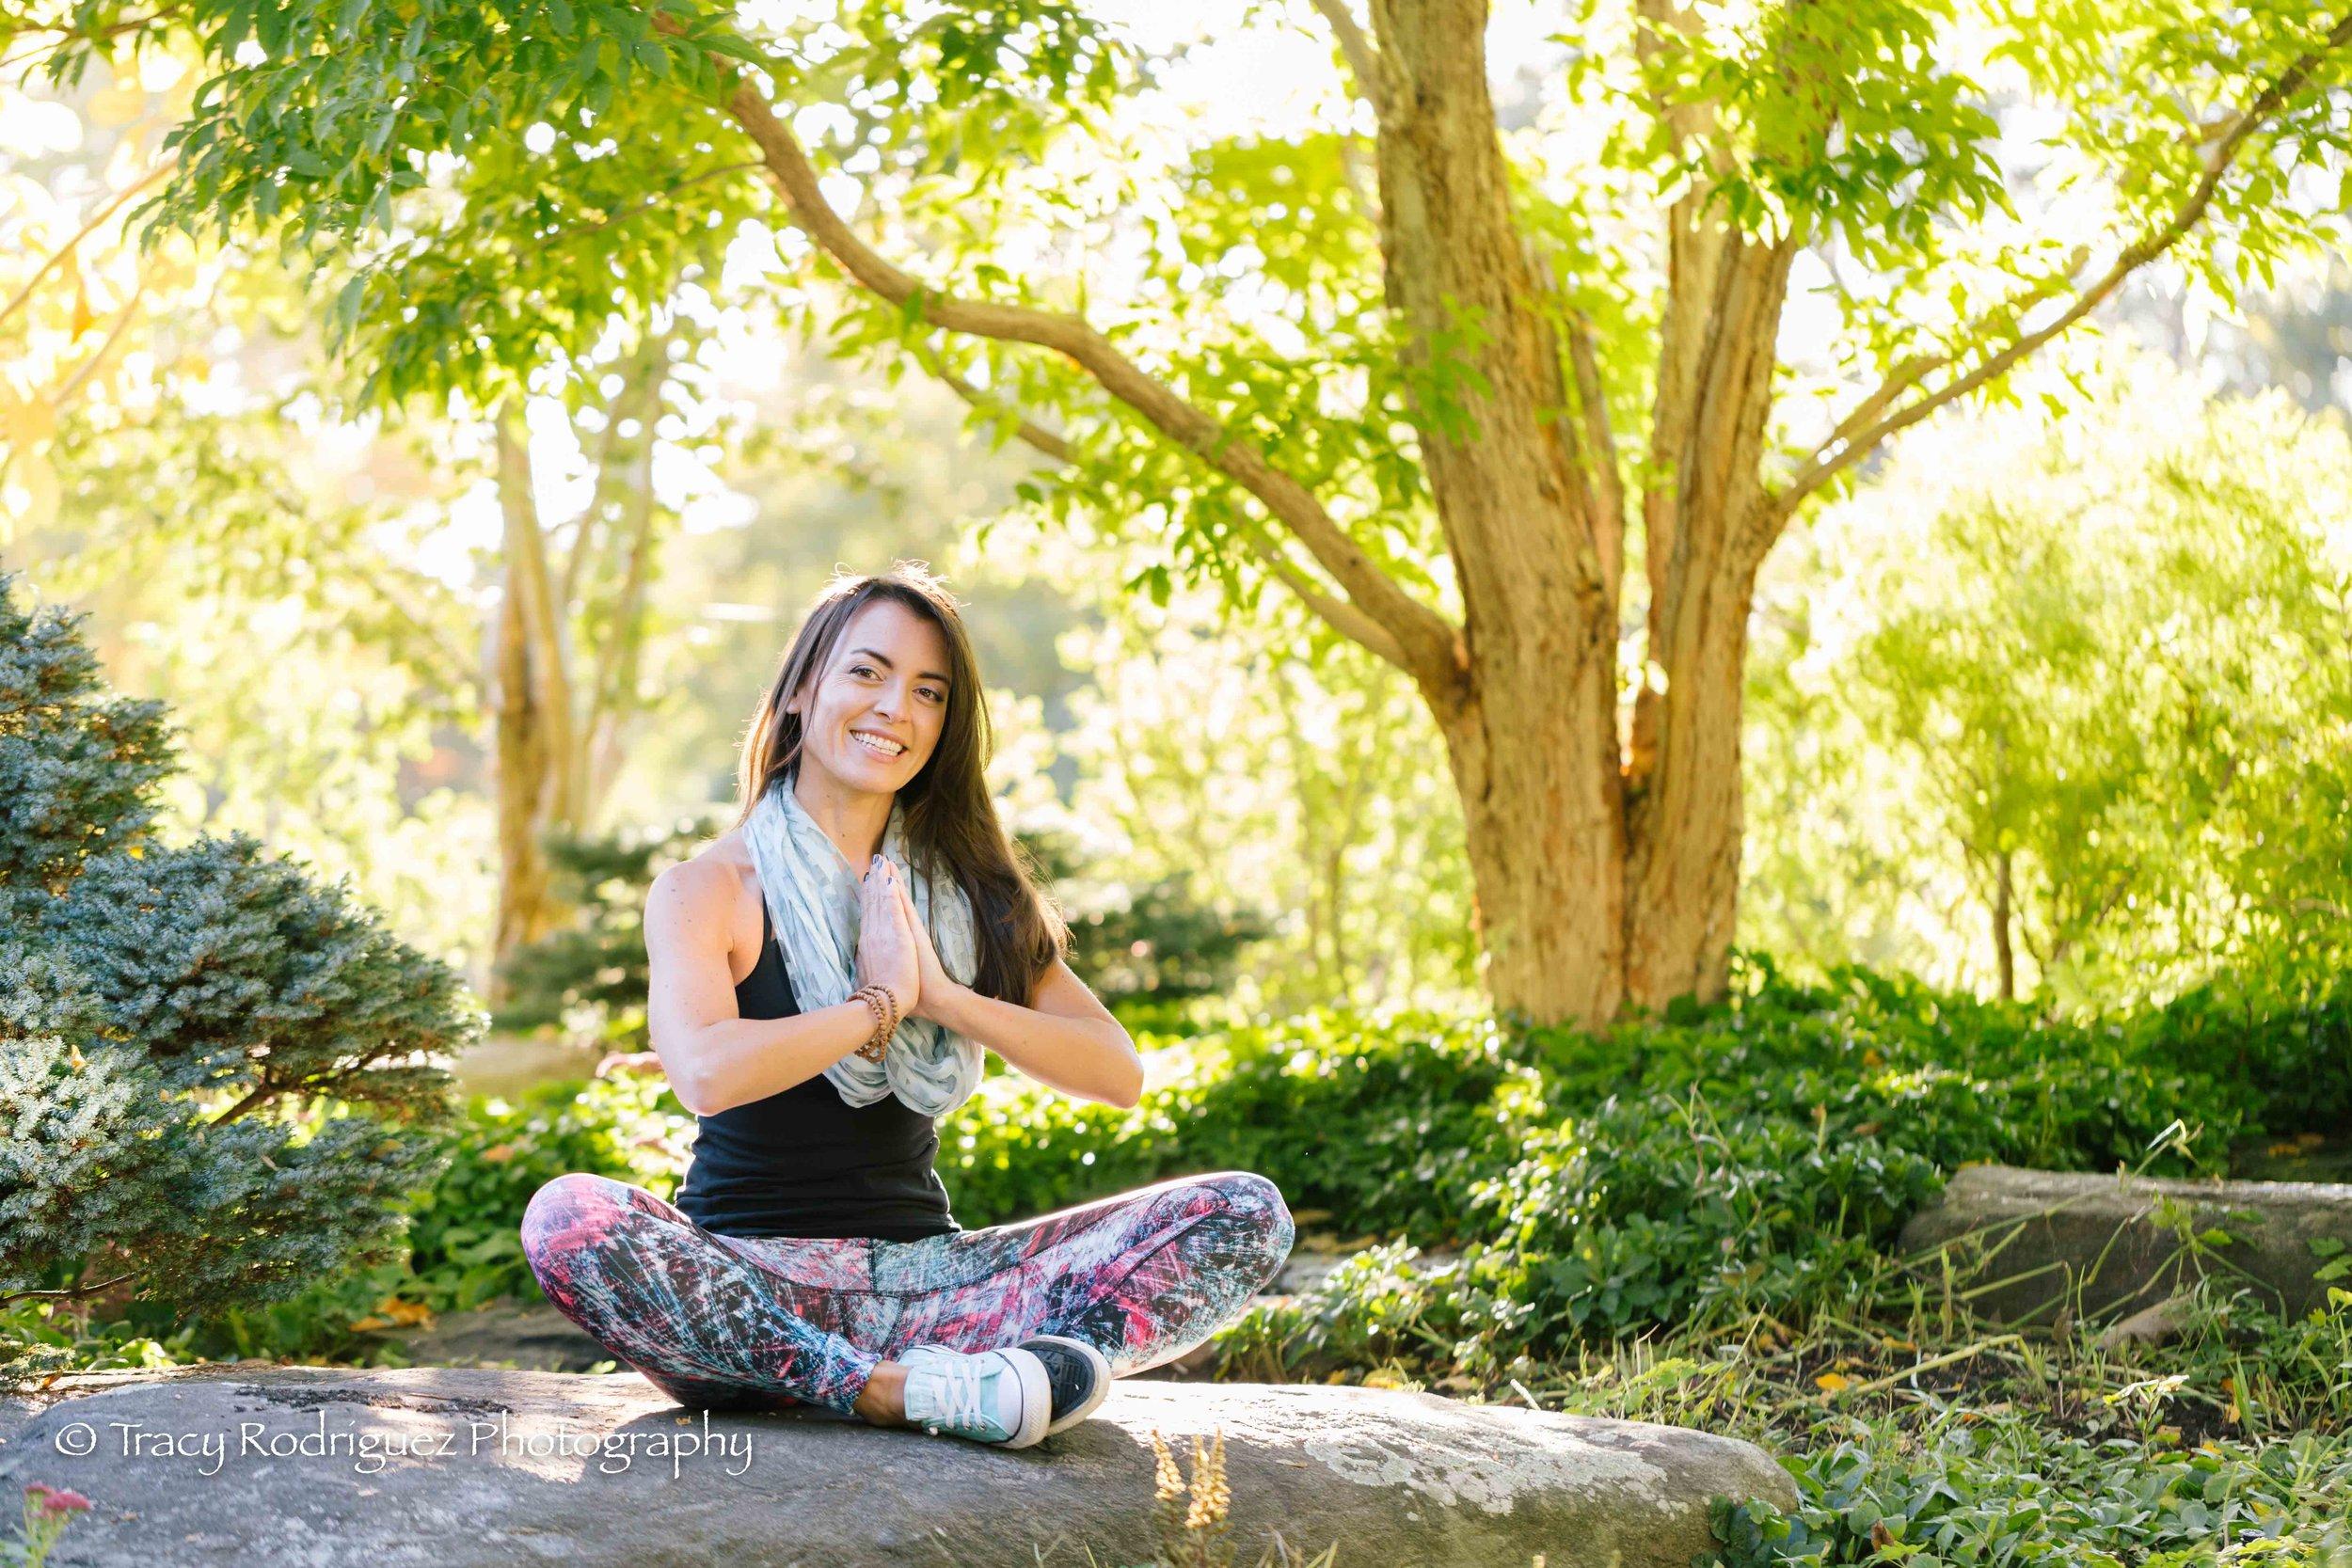 boston-yoga-photographer-6.jpg